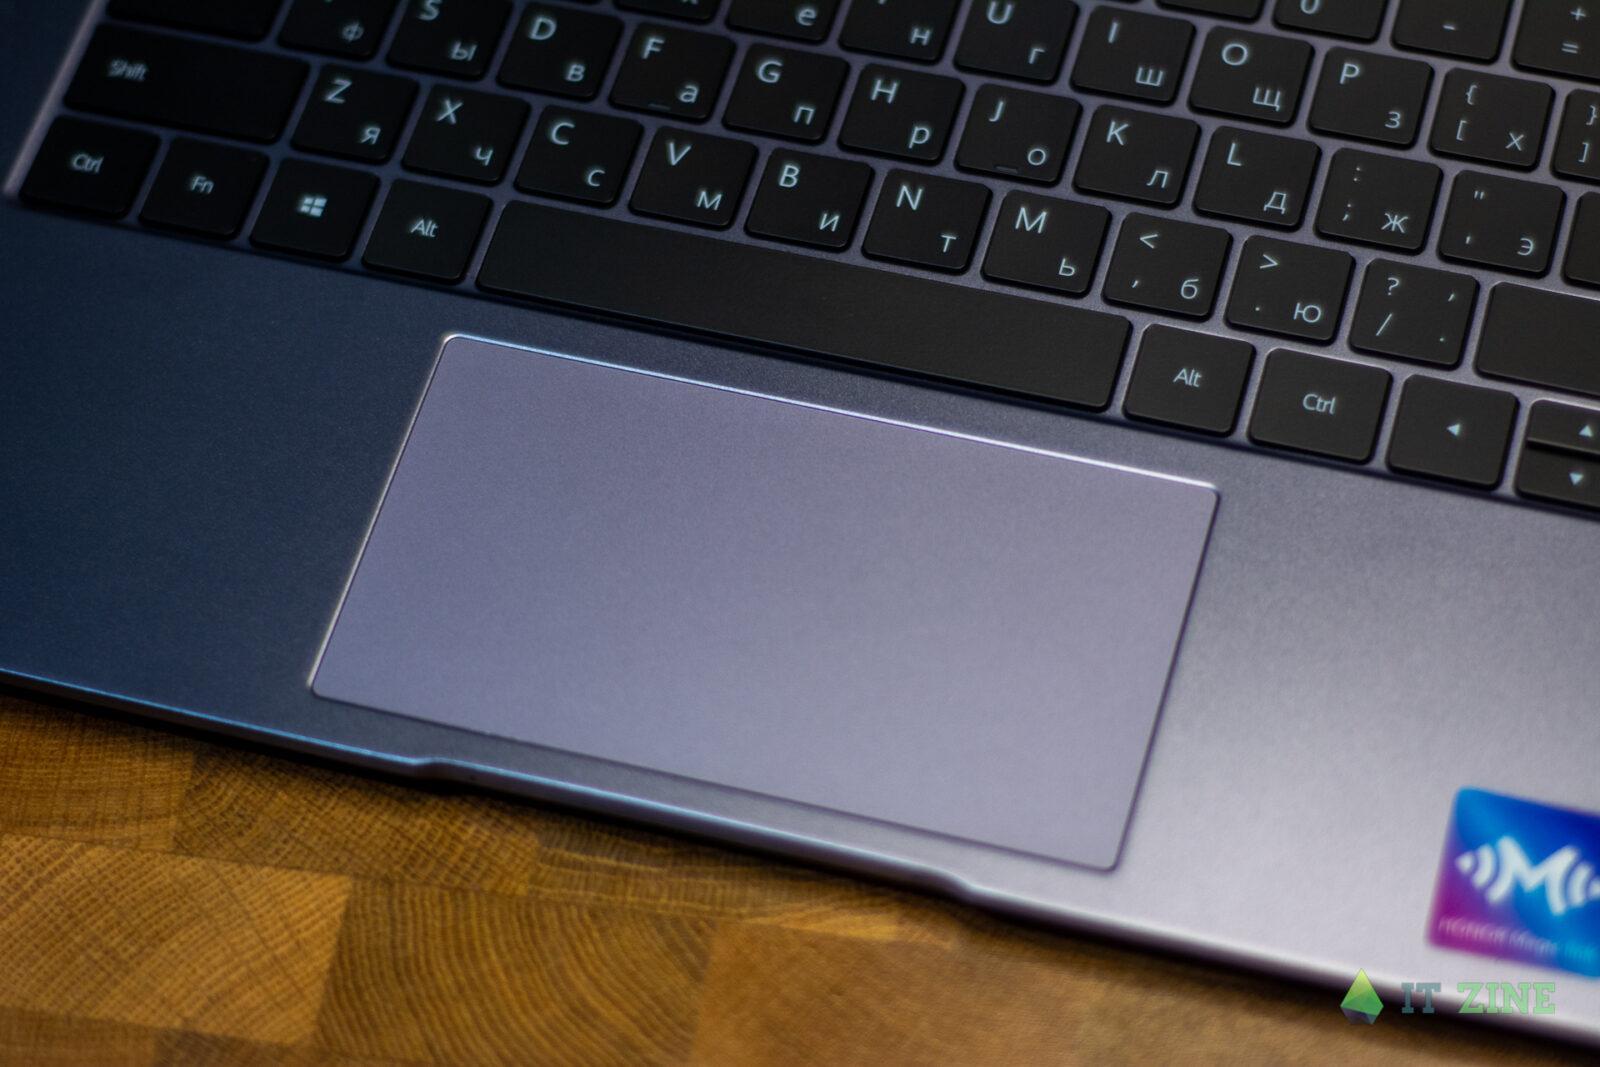 Обзор ноутбука Honor MagicBook 14 (2021): компактный и тихий (export 2607 27)